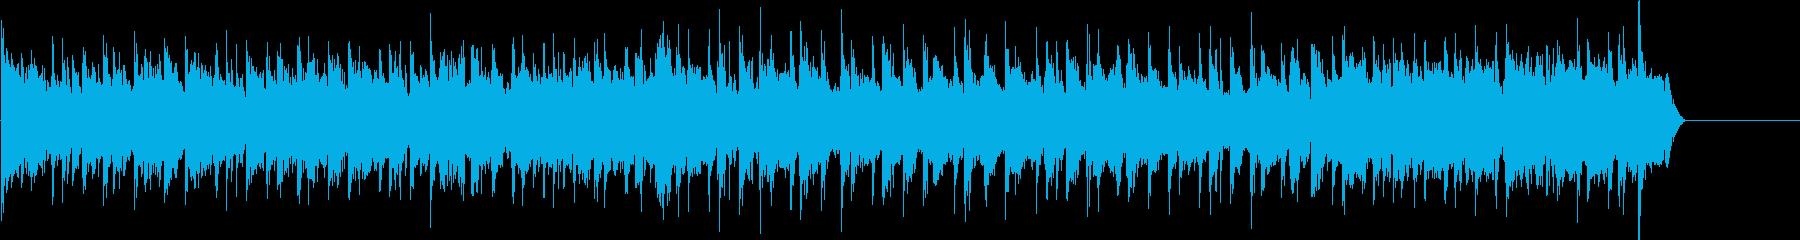 ジャングルビートの速いドラムをめぐ...の再生済みの波形